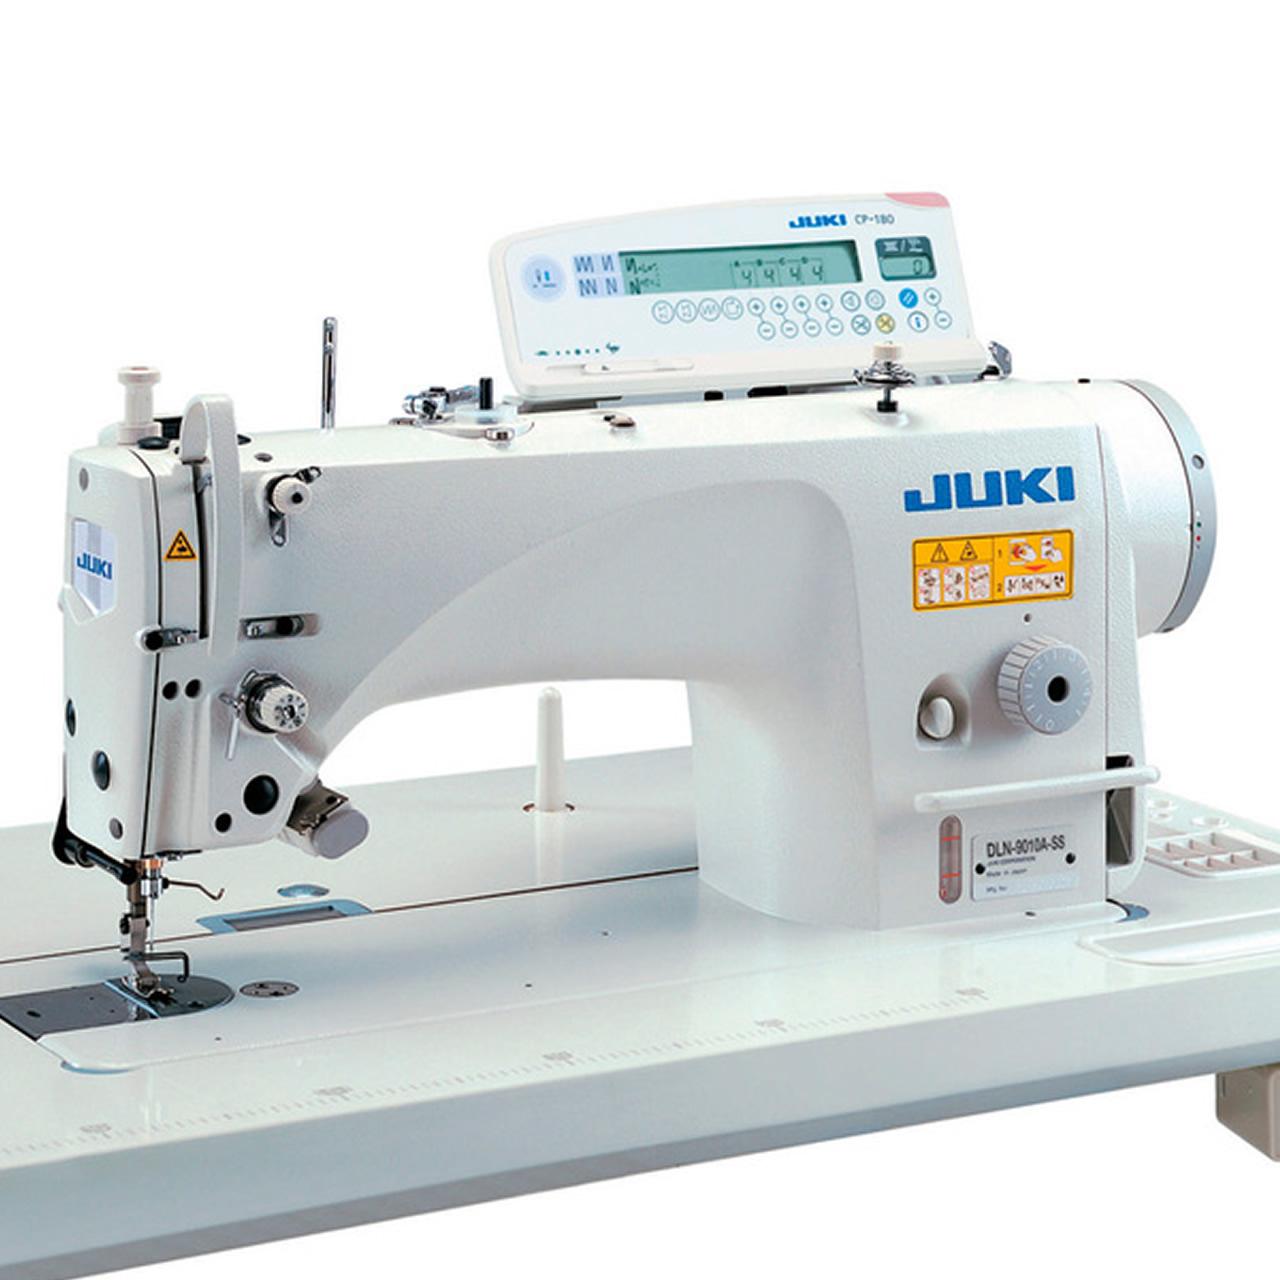 Juki Sewing Machine Buy Online